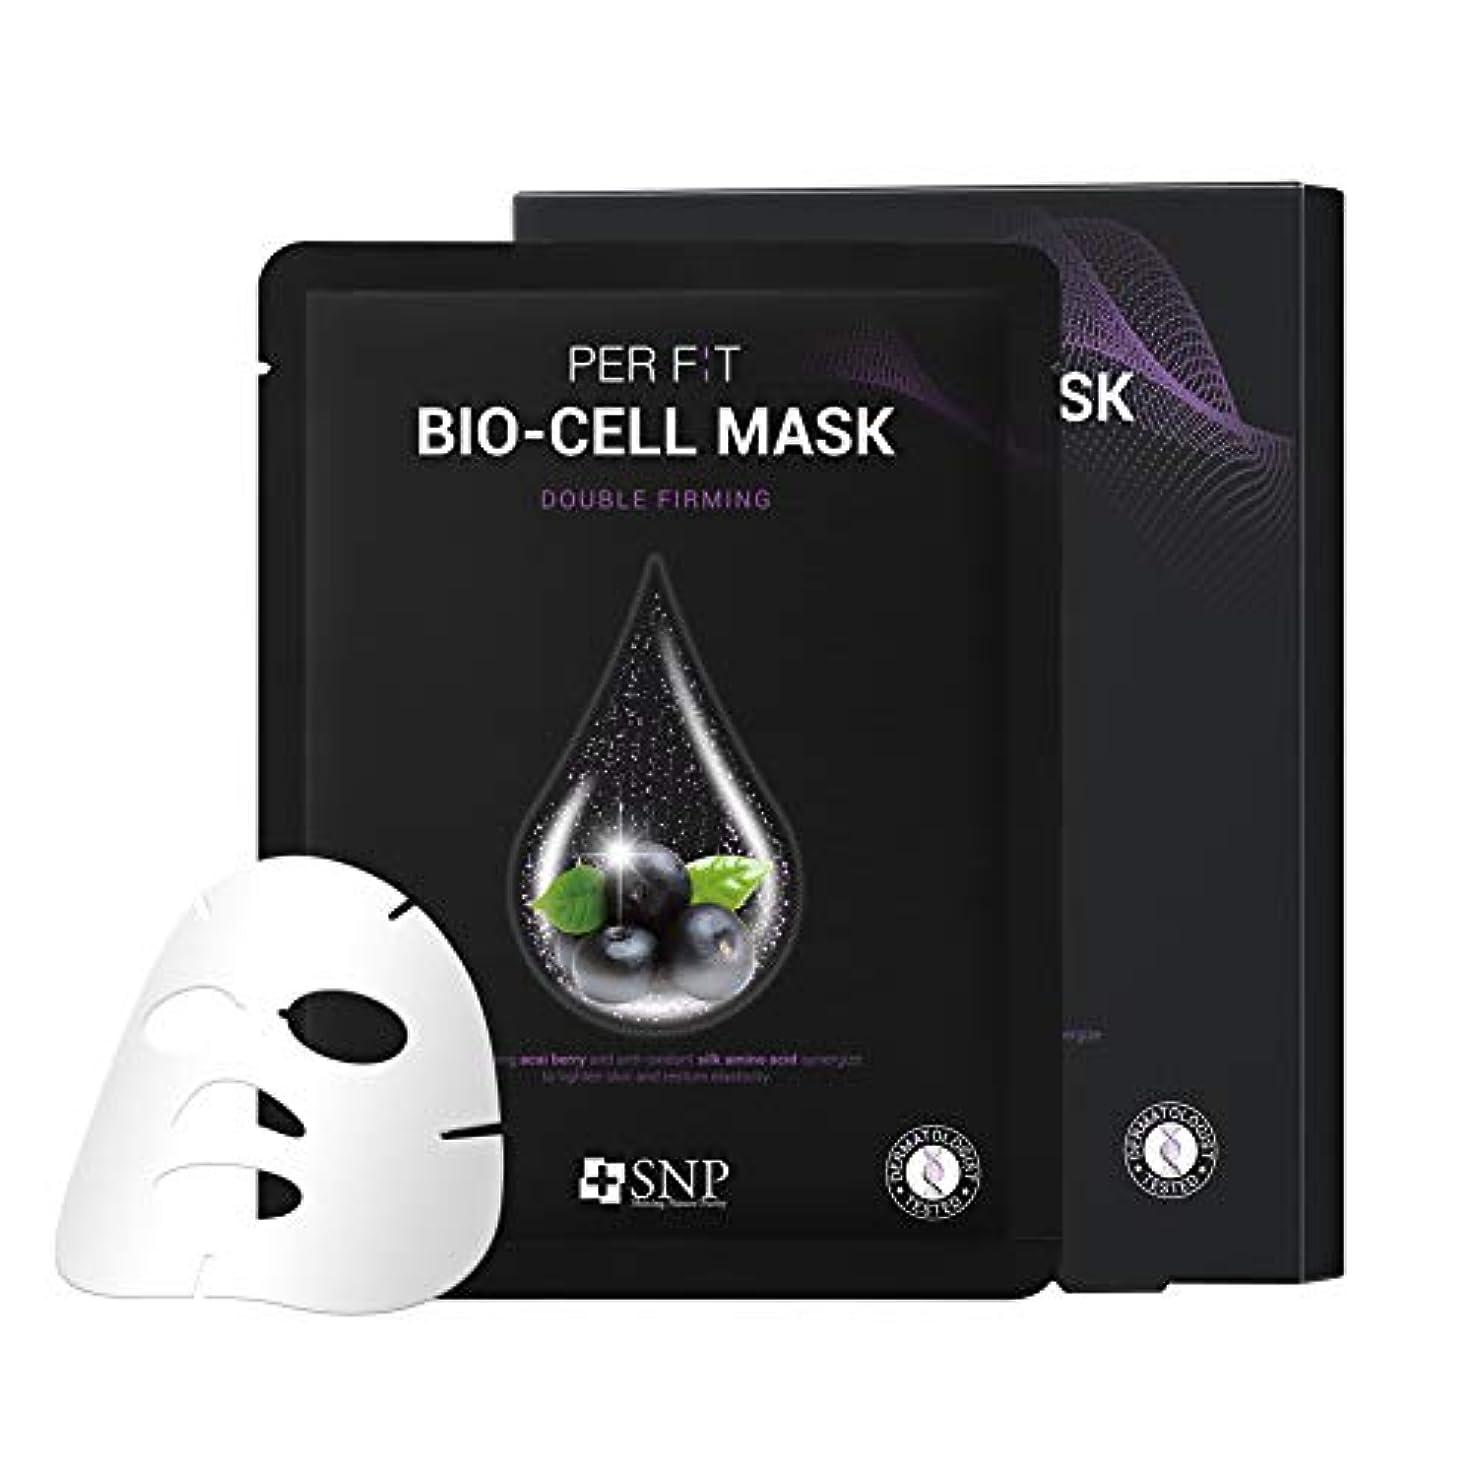 満足について濃度【SNP公式】パーフィット バイオセルマスク ダブルファーミング 5枚セット / PER F:T BIO-CELL MASK DOUBLE FIRMING 韓国パック 韓国コスメ パック マスクパック シートマスク